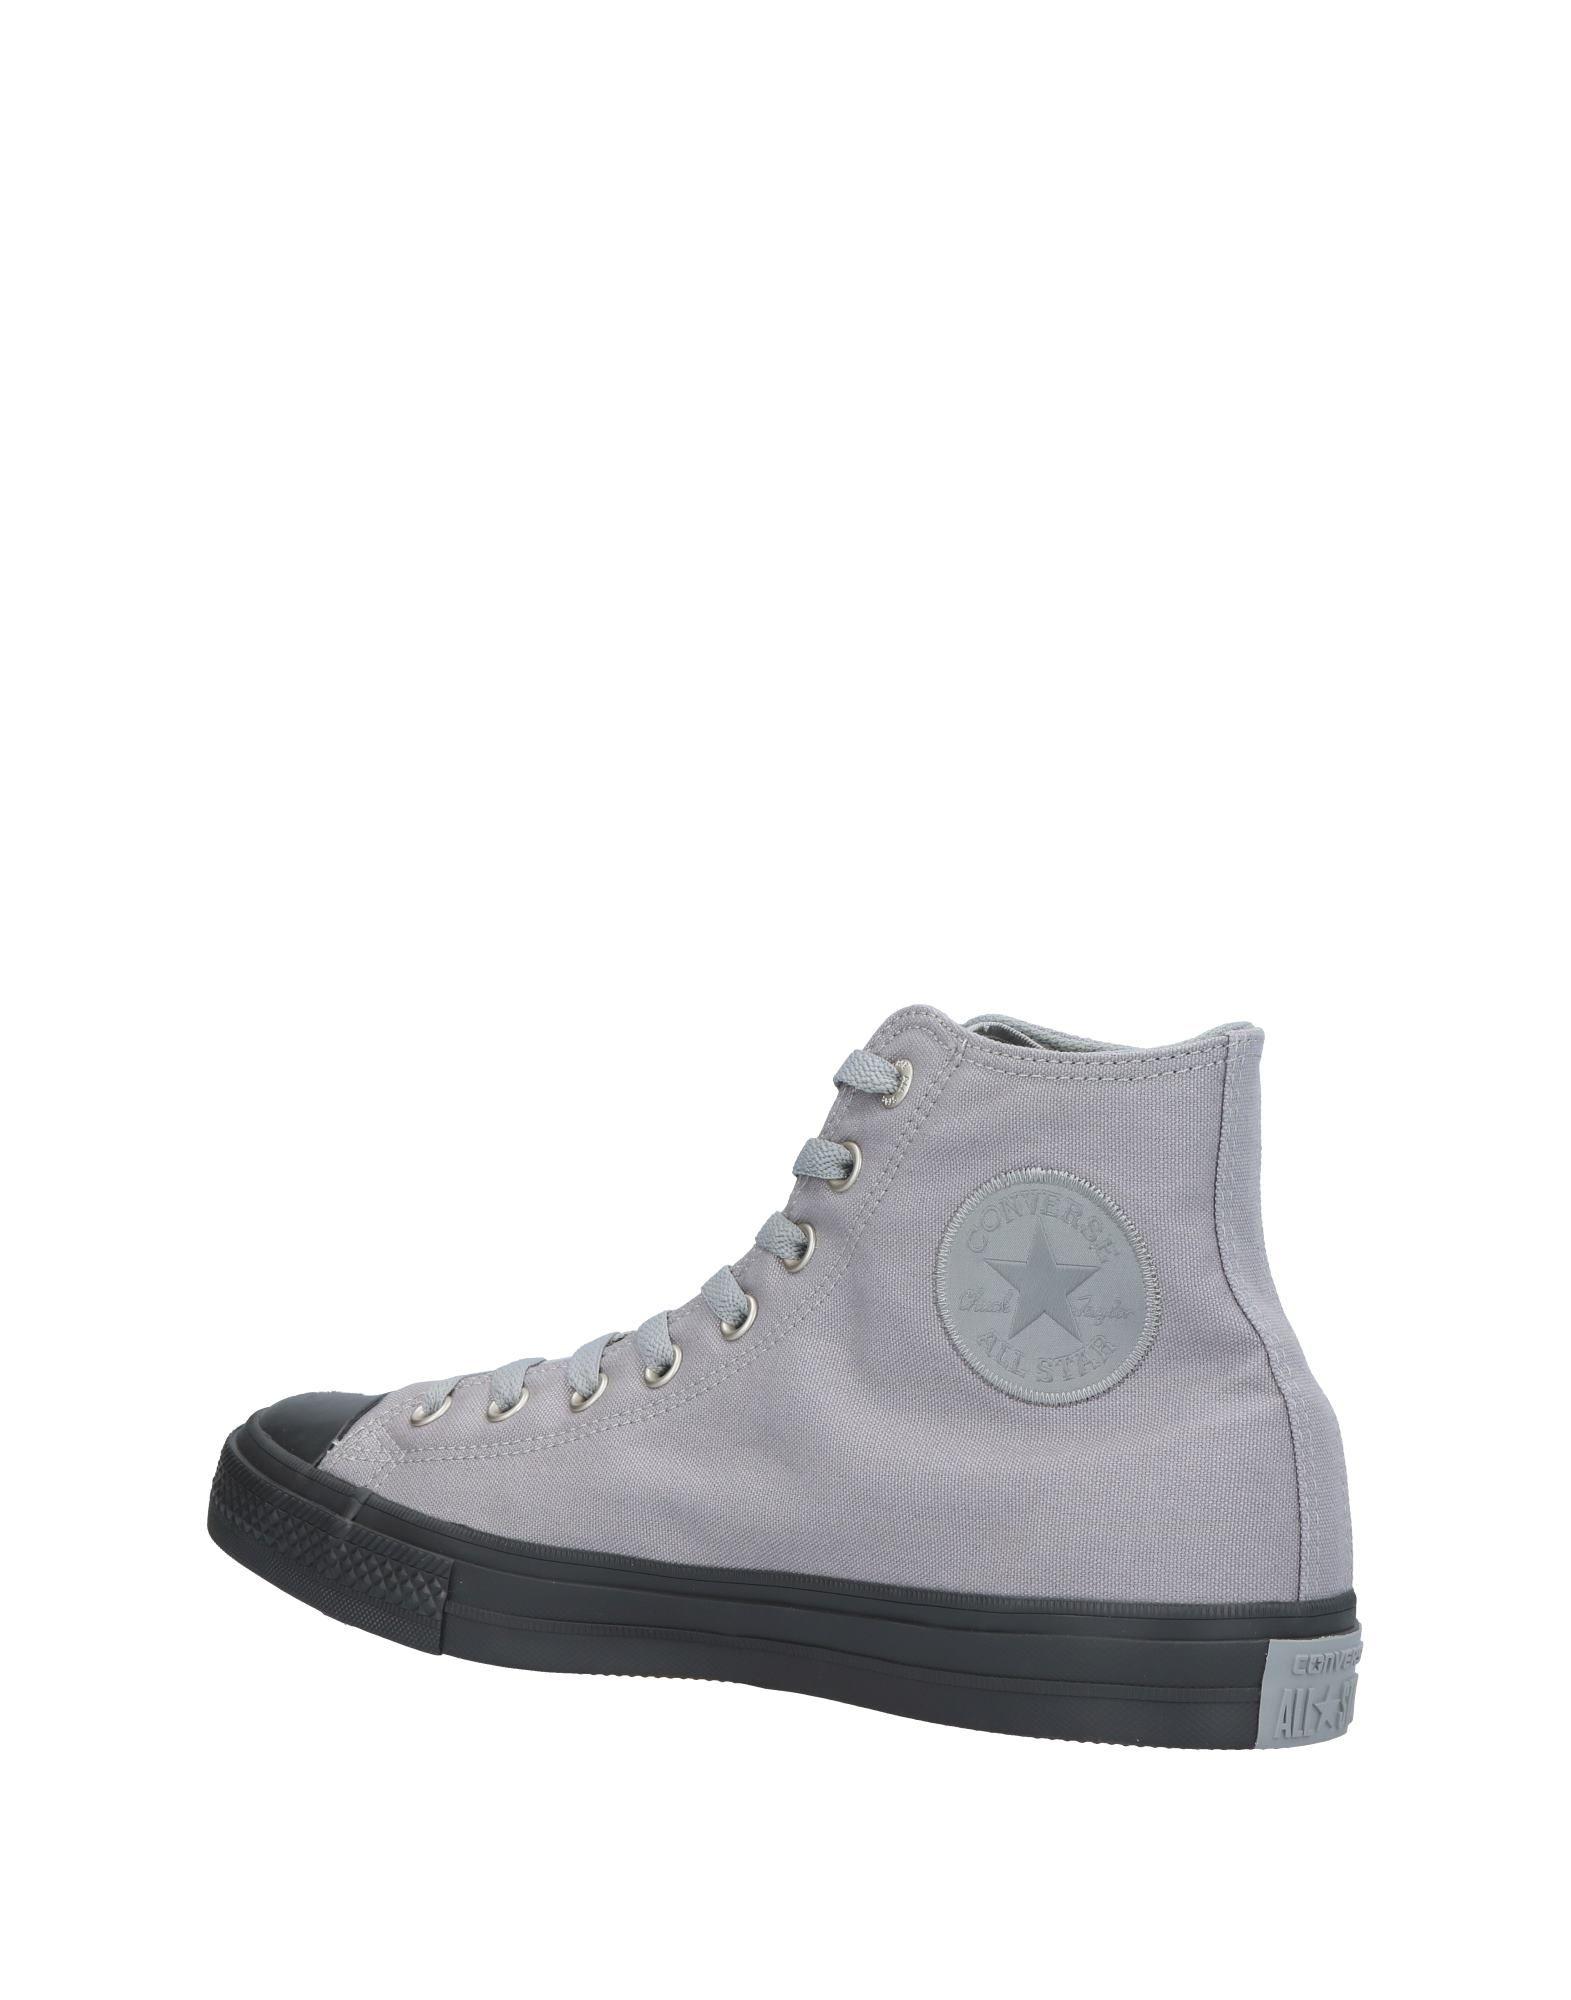 Converse All Star Sneakers Herren Gutes Gutes Herren Preis-Leistungs-Verhältnis, es lohnt sich 4e34cd